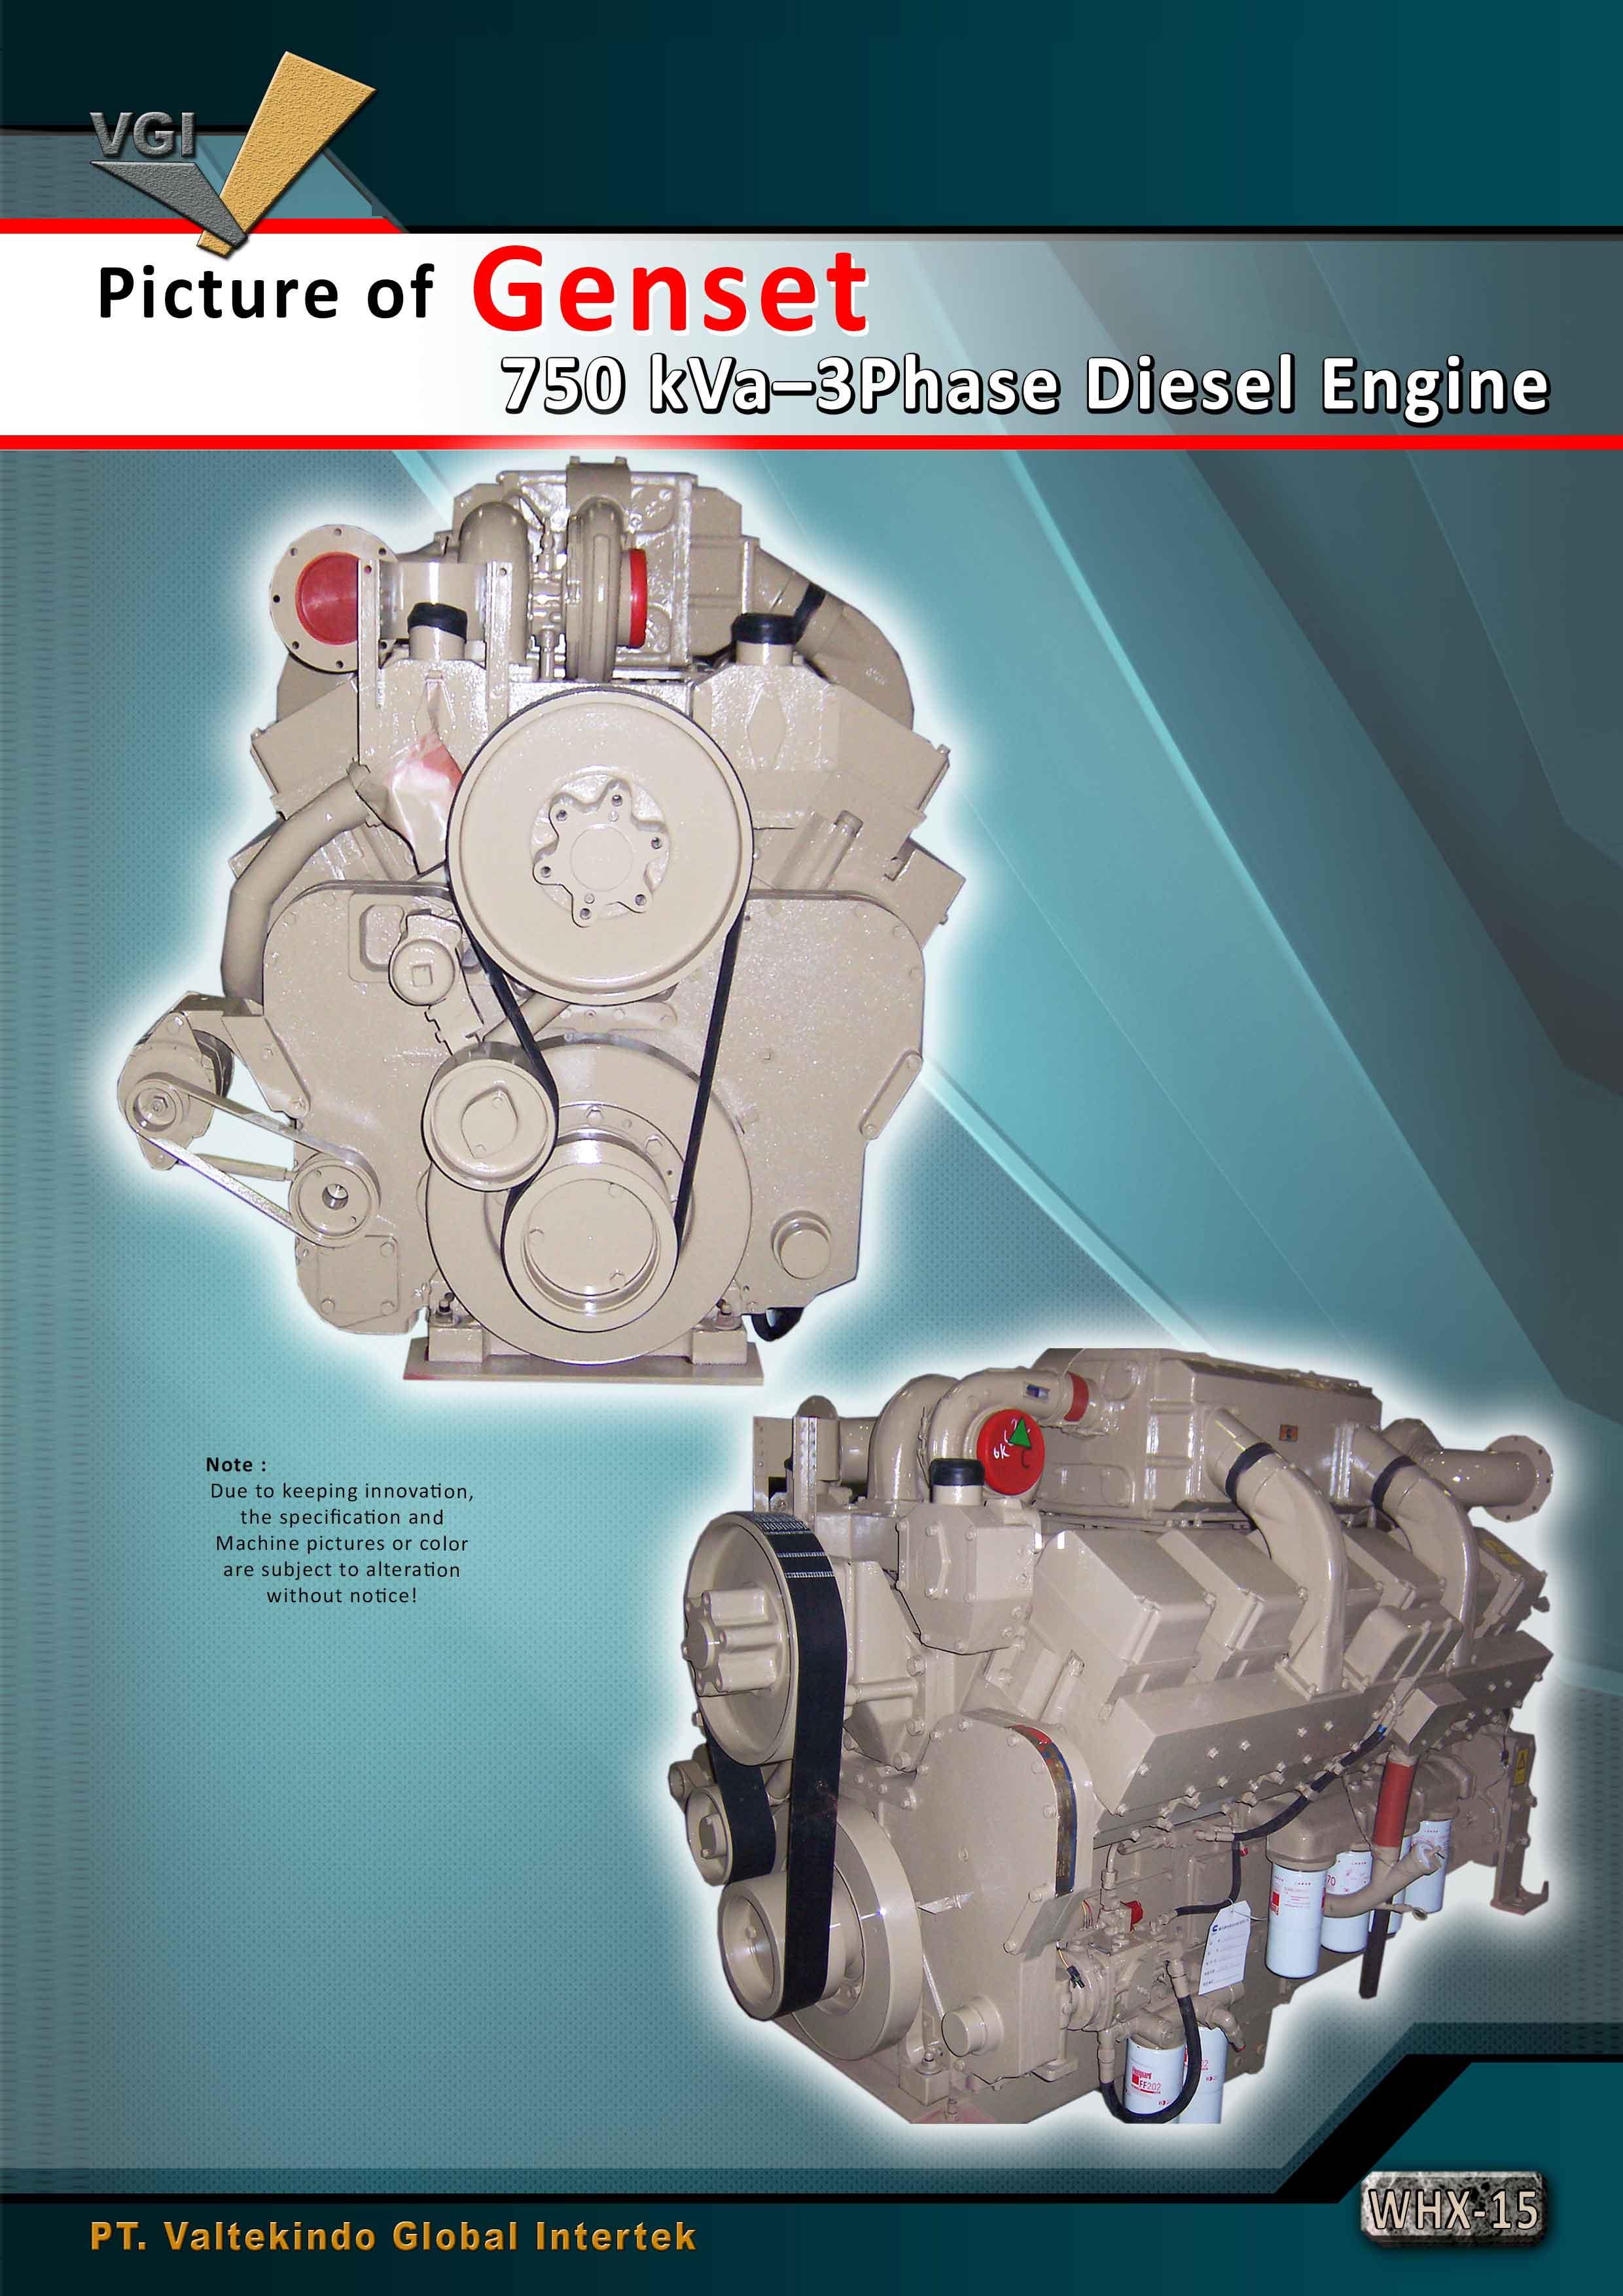 jual mesin Mesin Diesel Genset 750 kVa Mesin Diesel Genset 750 kVa